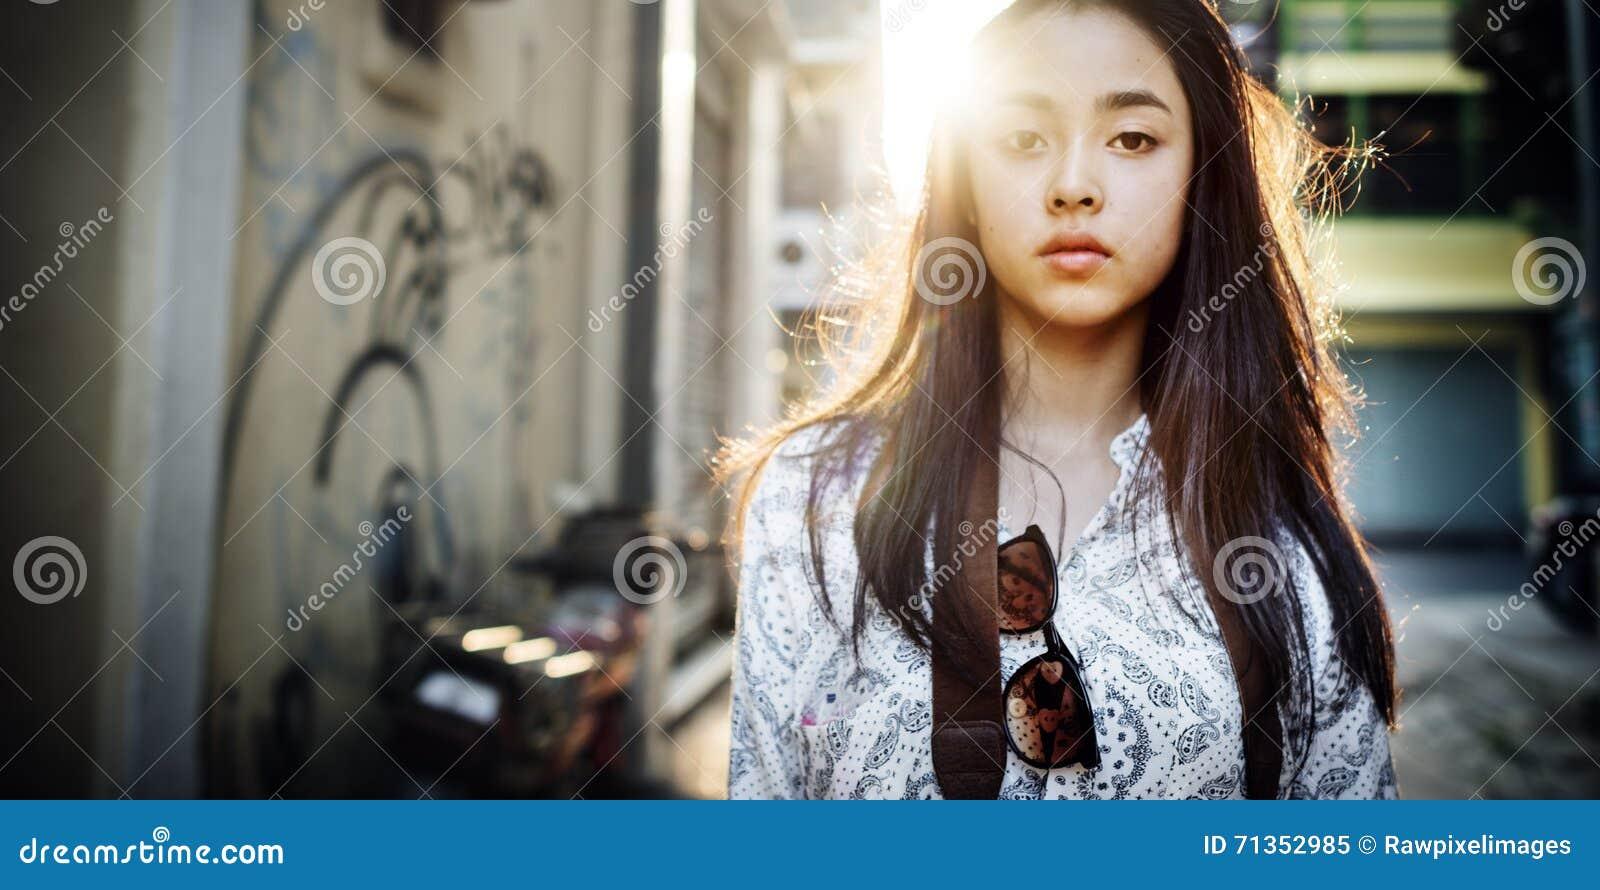 Conceito urbano chique da mulher da cena da cultura de juventude